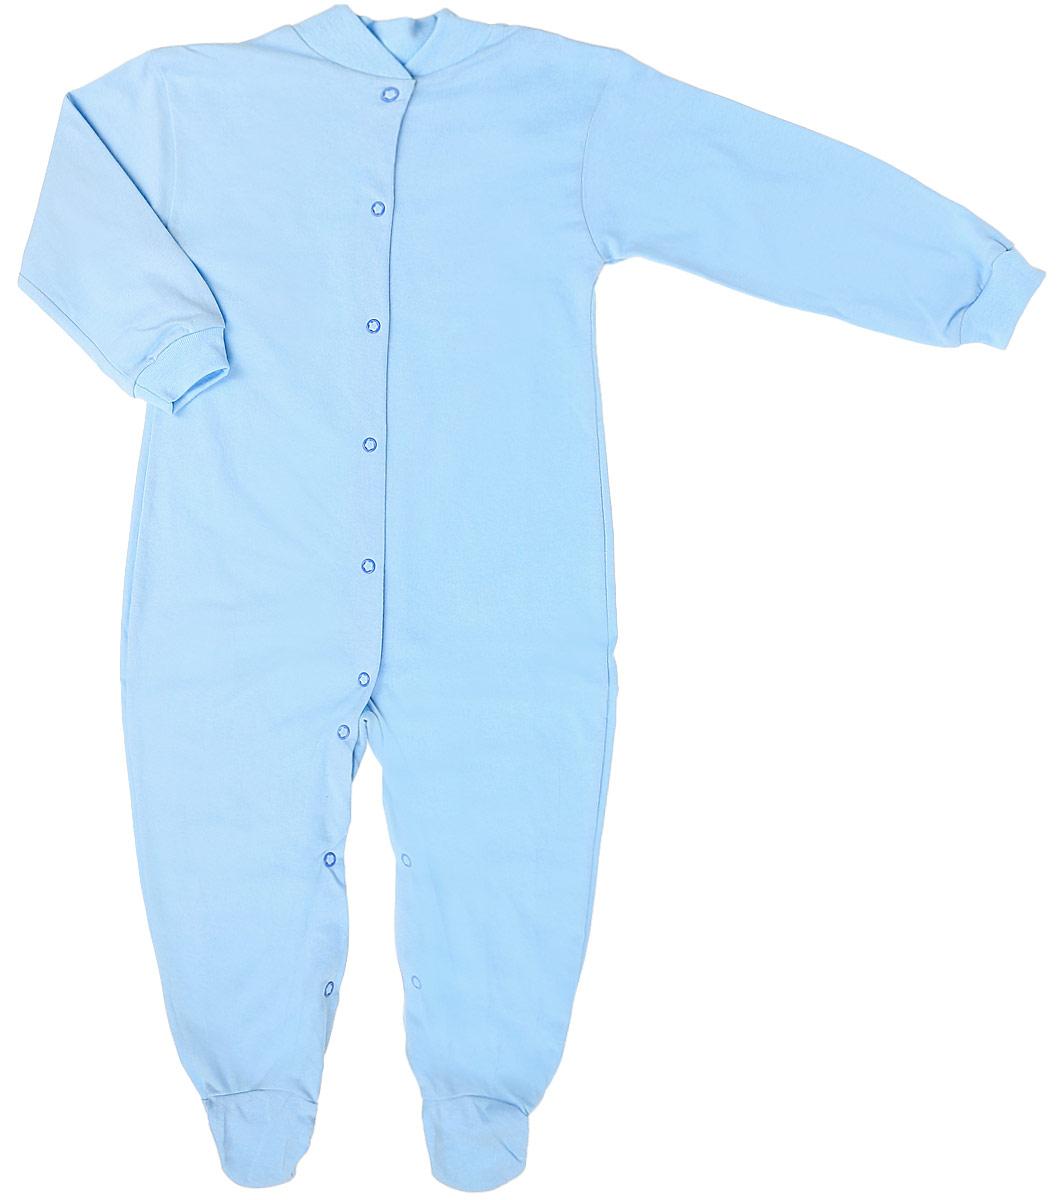 Комбинезон детский Чудесные одежки, цвет: голубой. 5801. Размер 745801Удобный детский комбинезон Чудесные одежки выполнен из натурального хлопка.Комбинезон с небольшим воротничком-стойкой, длинными рукавами и закрытыми ножками имеет застежки-кнопки спереди и на ластовице, которые помогают легко переодеть младенца или сменить подгузник. Воротничок и манжеты на рукавах выполнены из трикотажной эластичной резинки. Изделие оформлено в лаконичном дизайне.